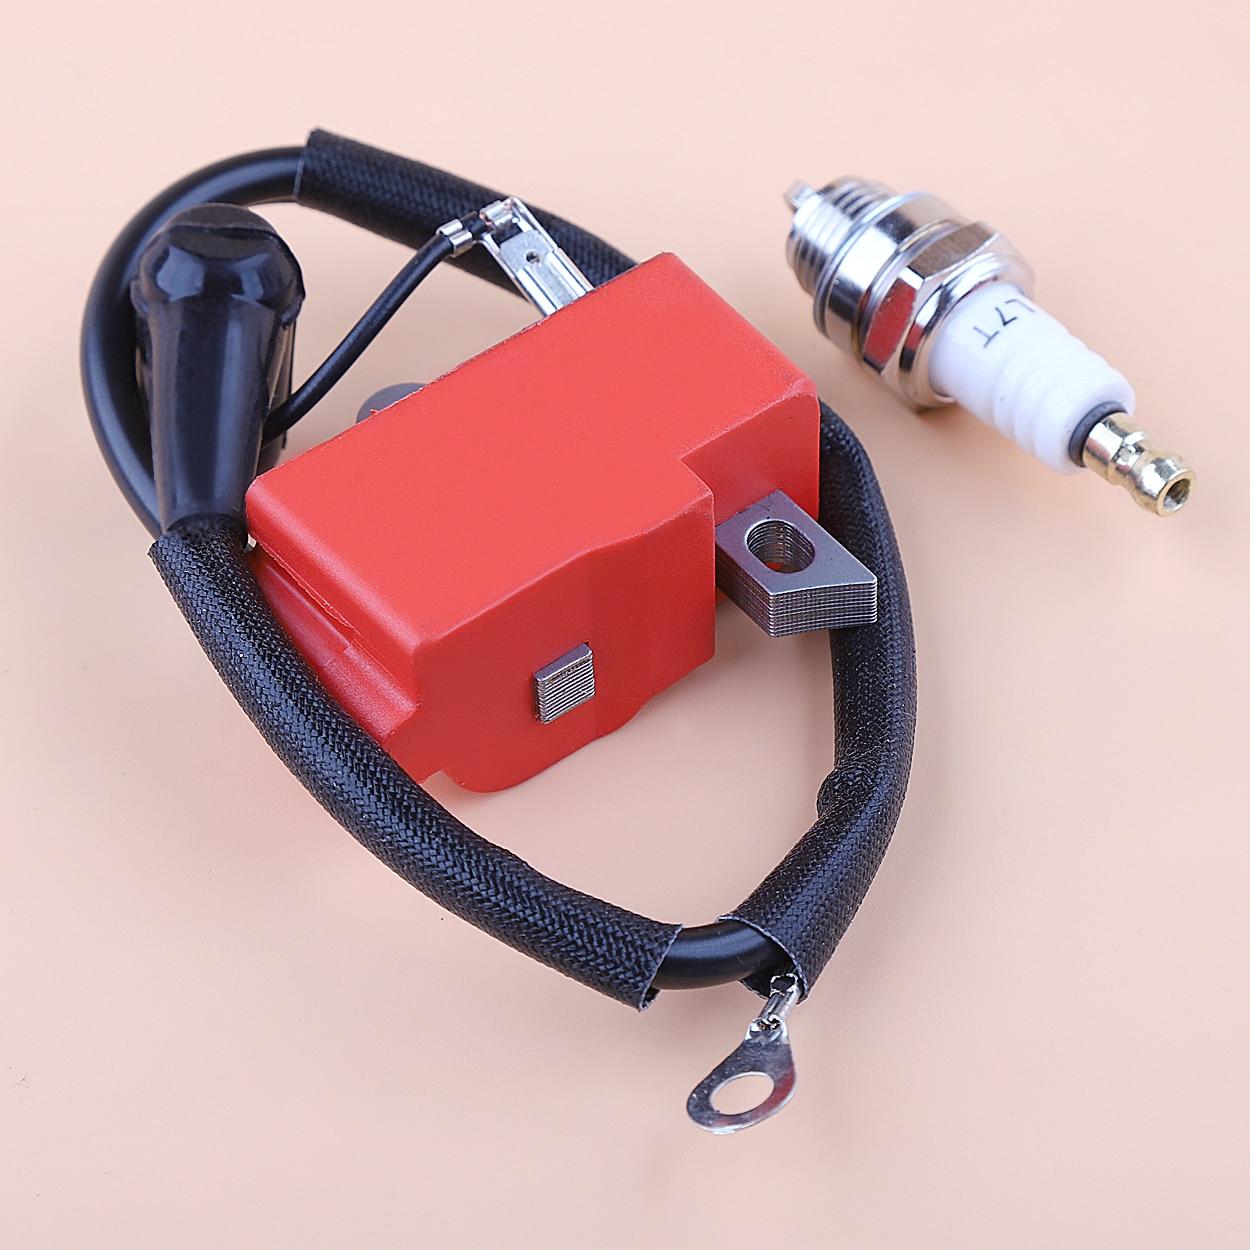 Bobina de Ignição Vela de Ignição Kit para Dolmar Ps-5000 Ps-5105 Viu 181143204 Ps-460 Ps-500 Ps-510 Ps-5100s Ps-4600s